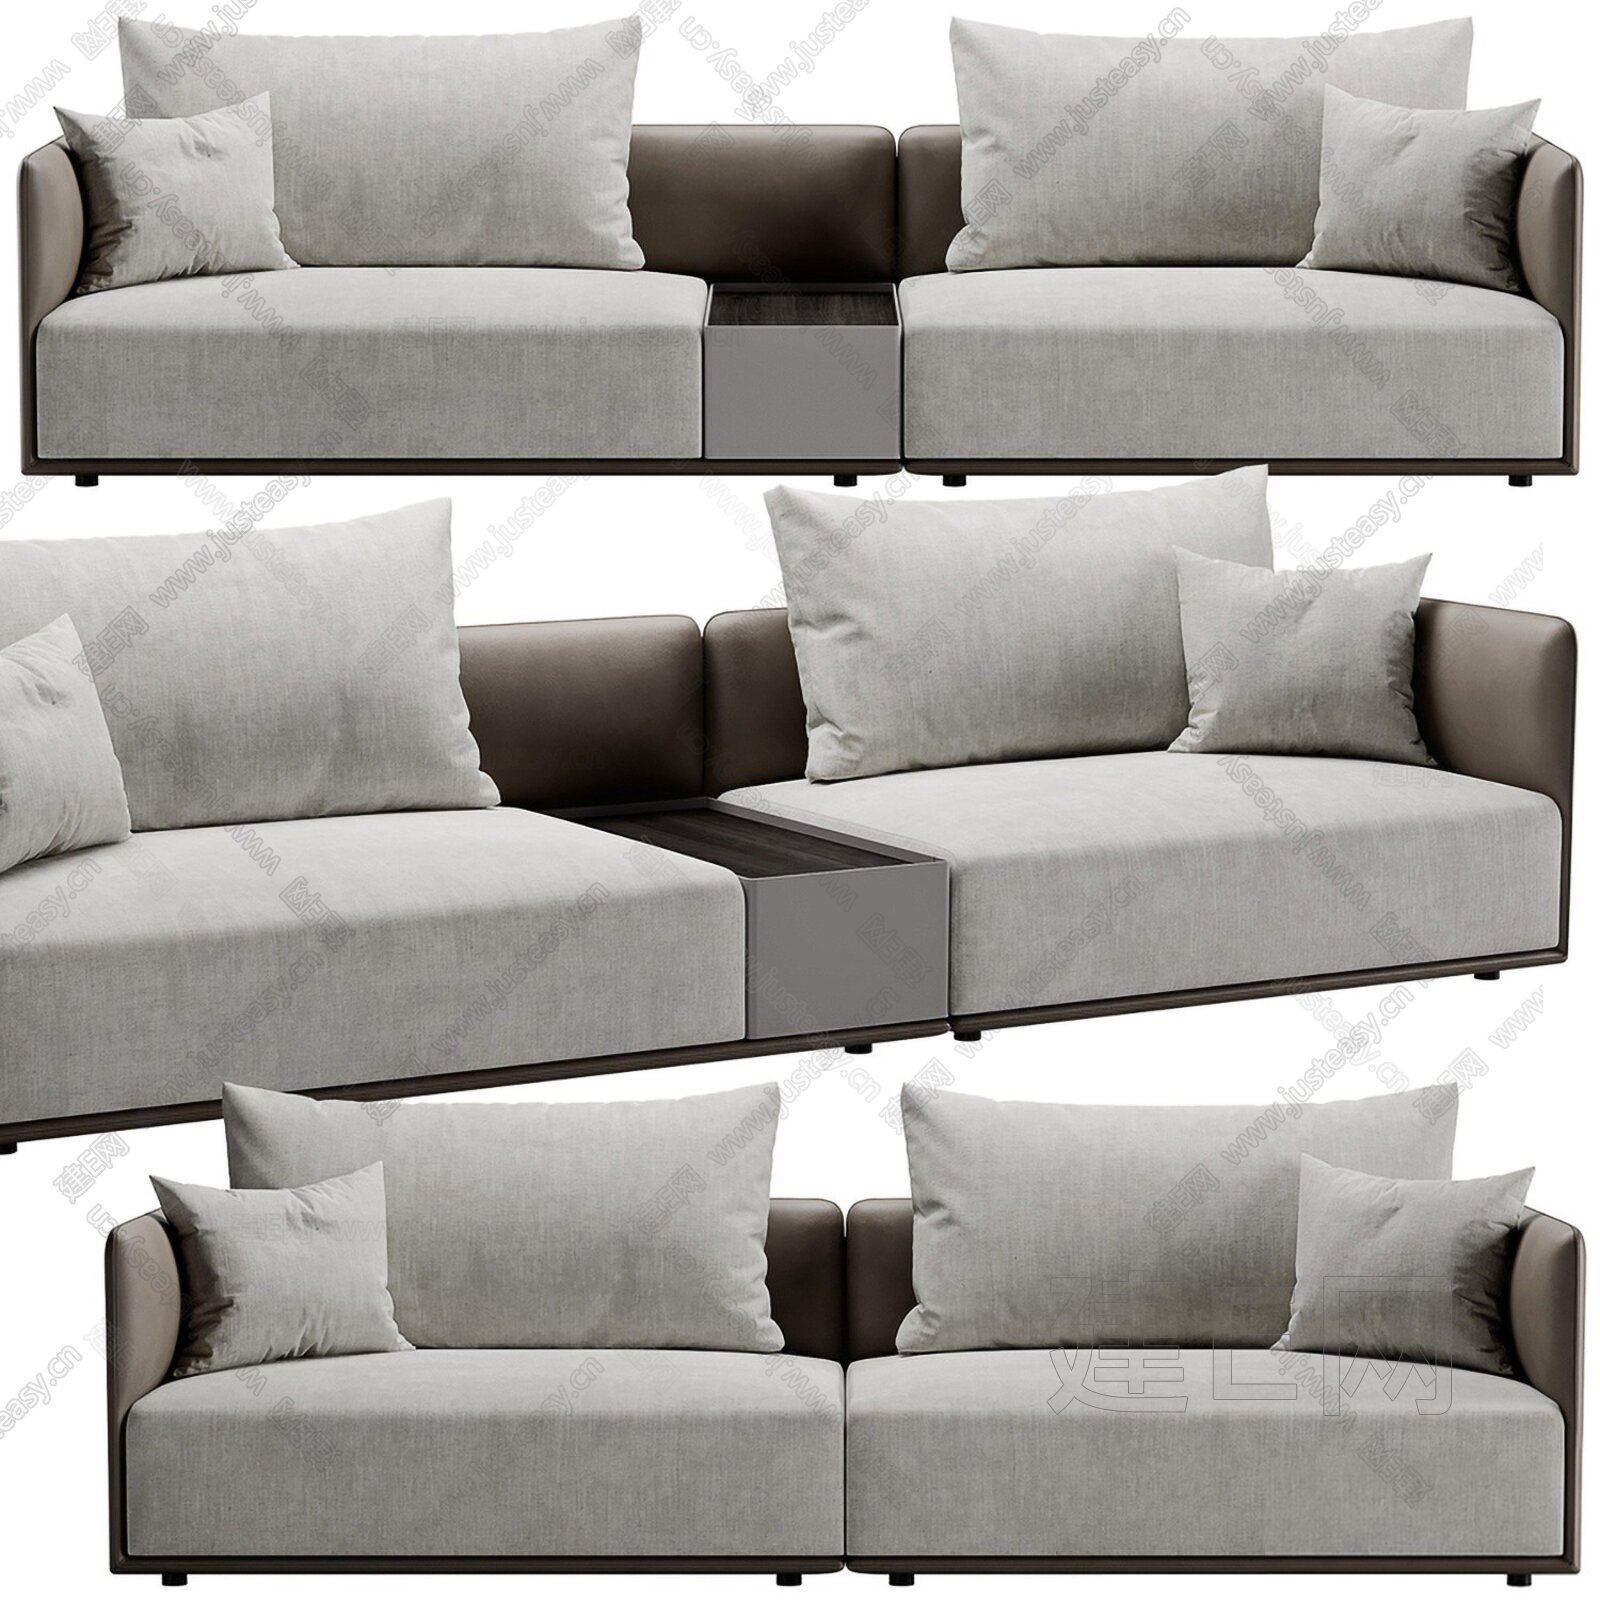 现代皮革布艺多人沙发3d模型